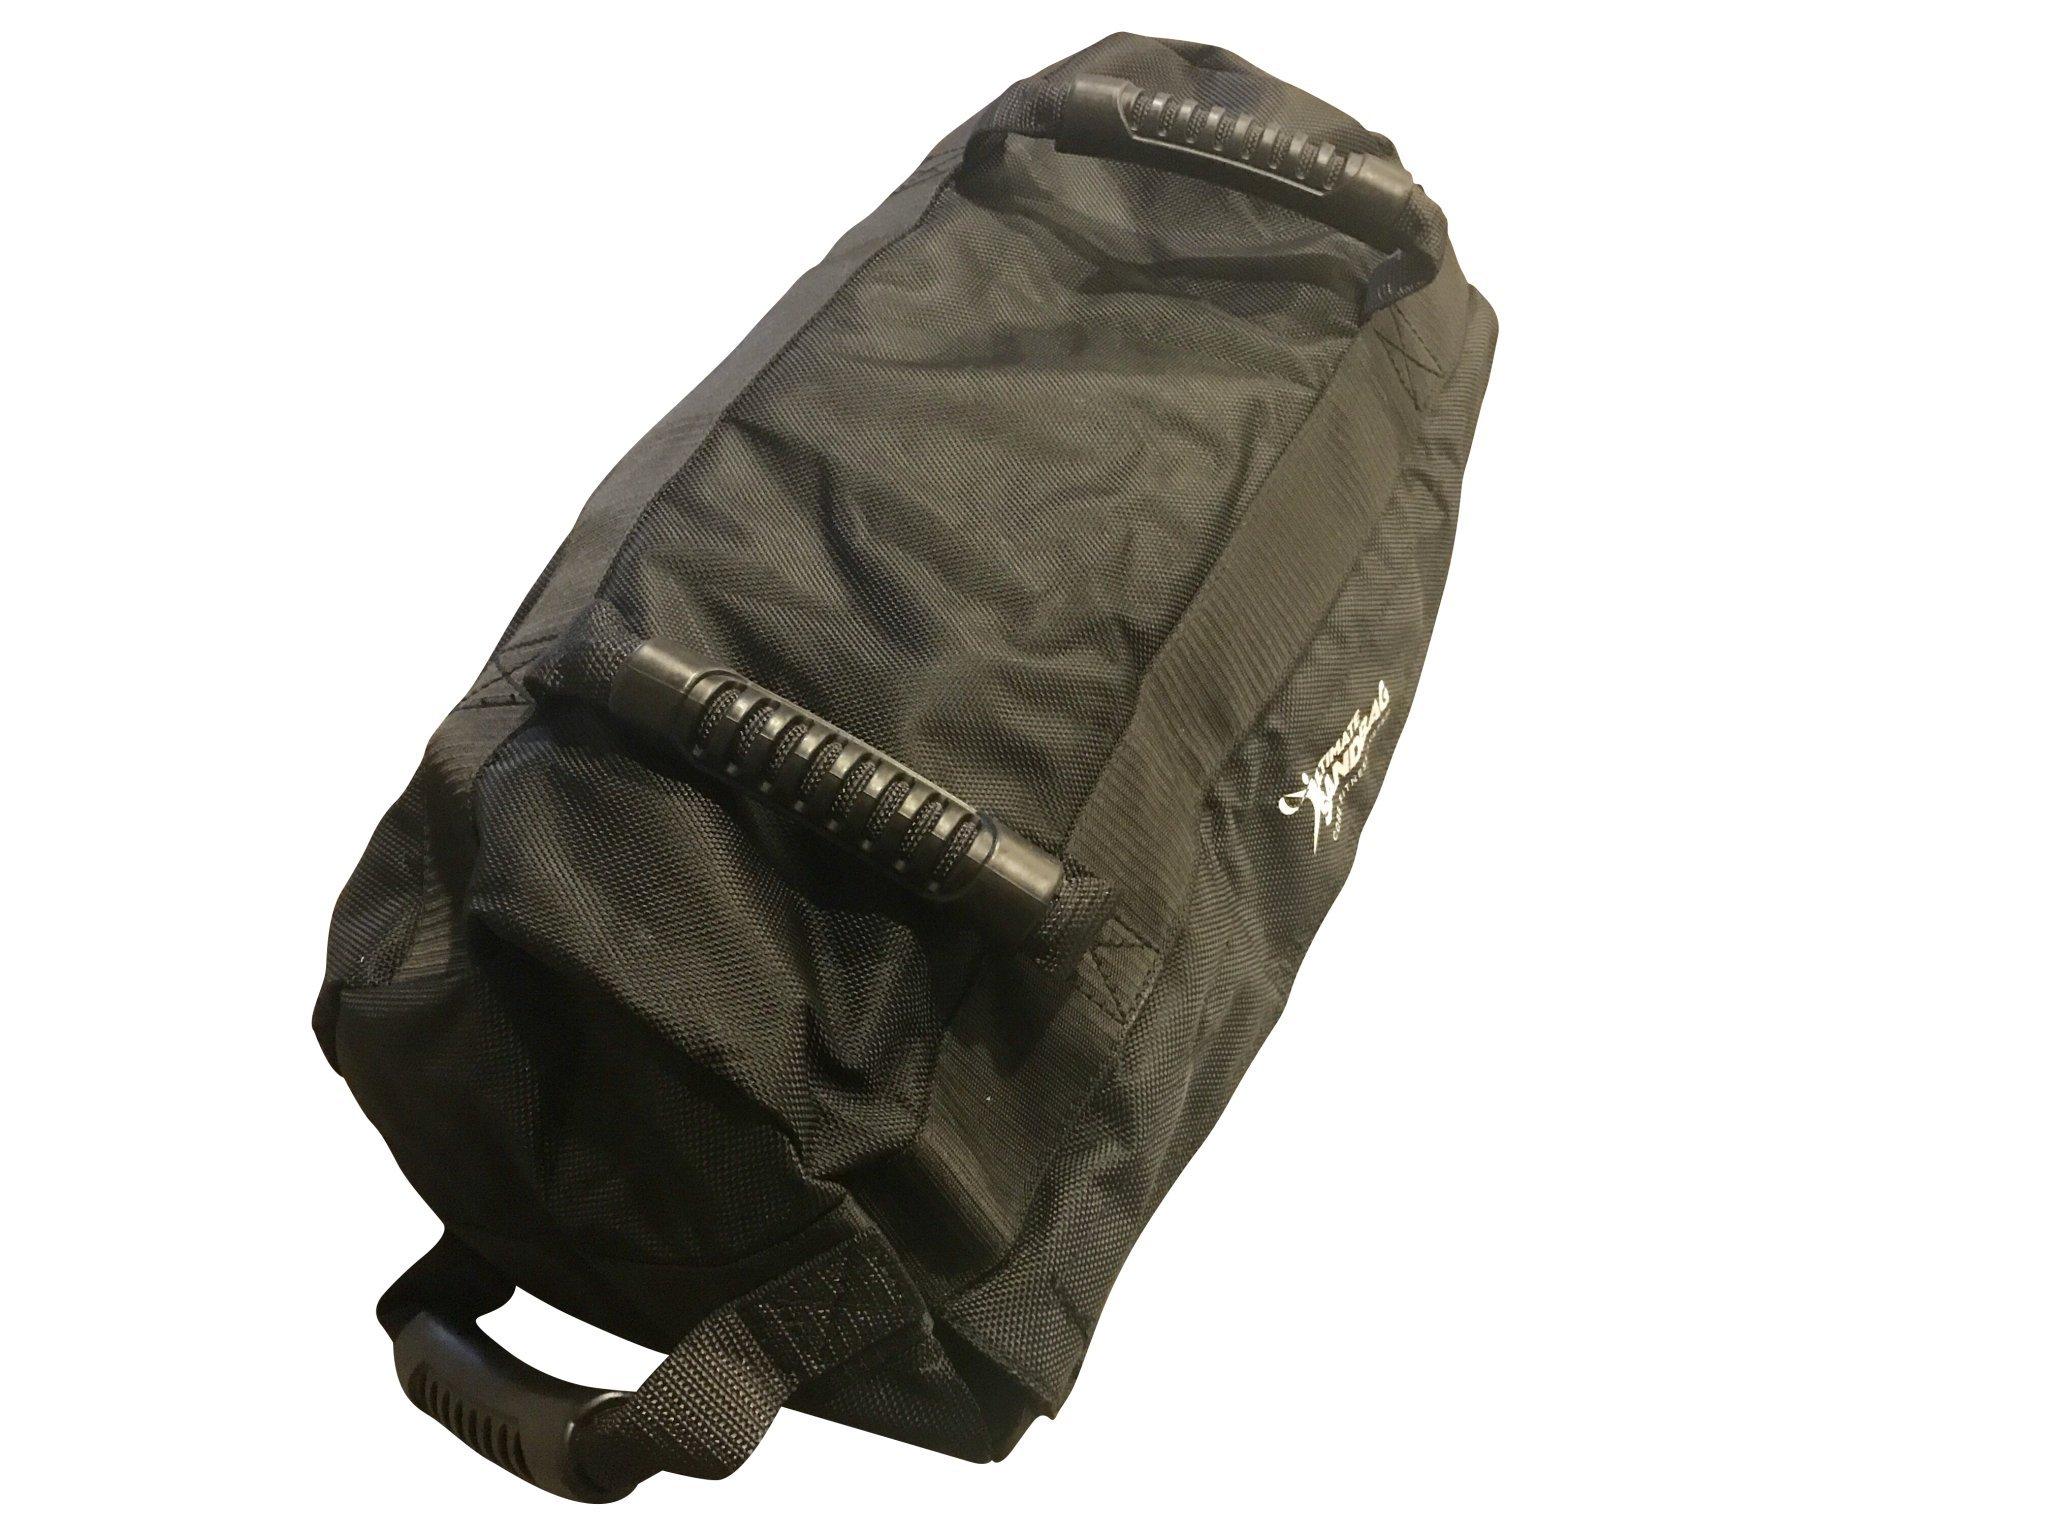 Ultimate Sandbag Kick Starter Adjustable Fitness Sandbag with Filler Bags 10-40lbs